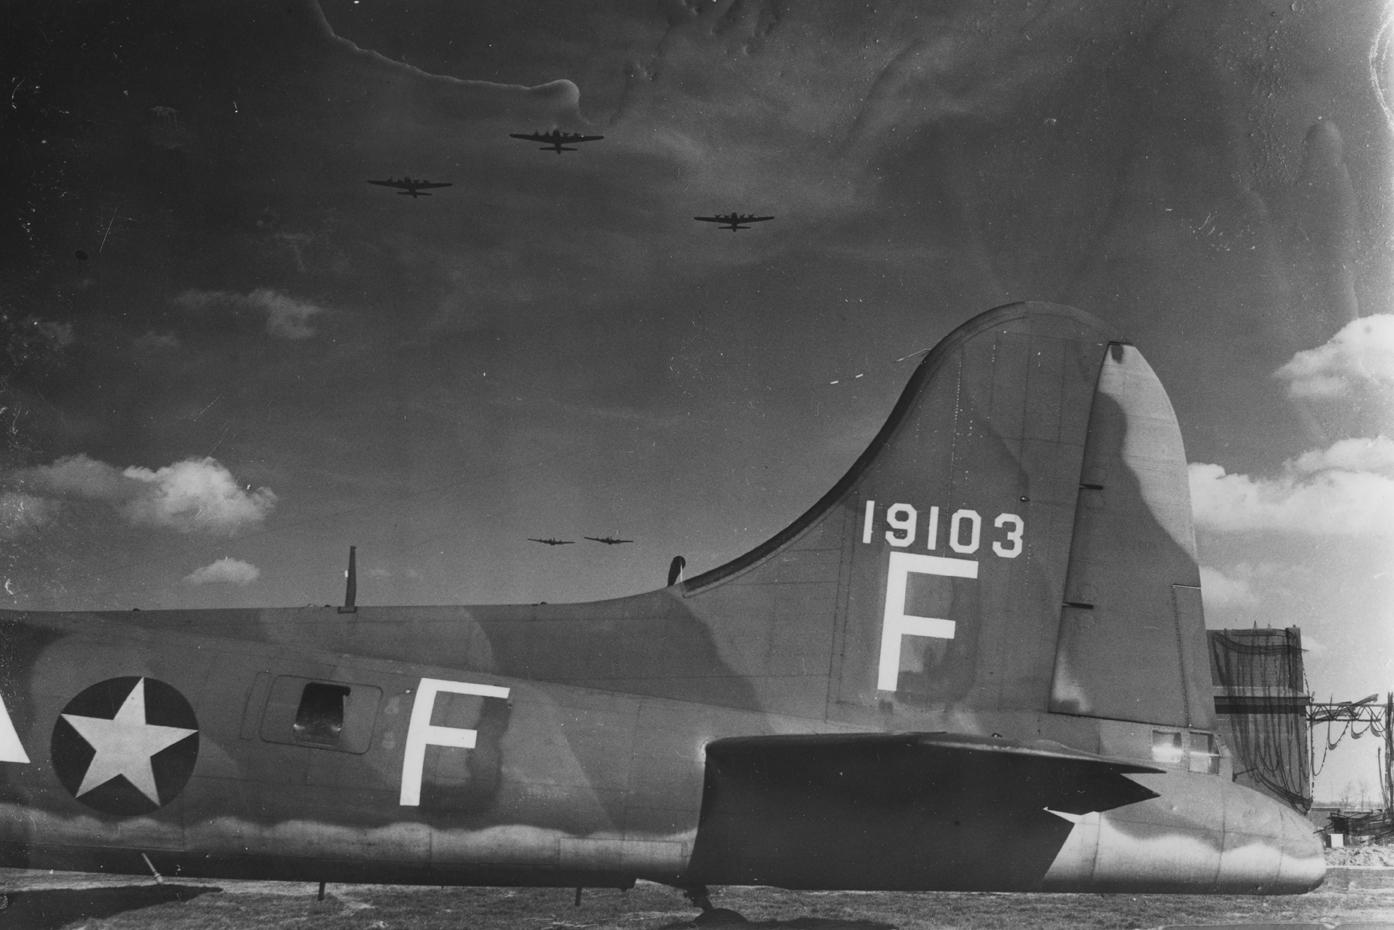 B-17 #41-9103 / Dixie Demo